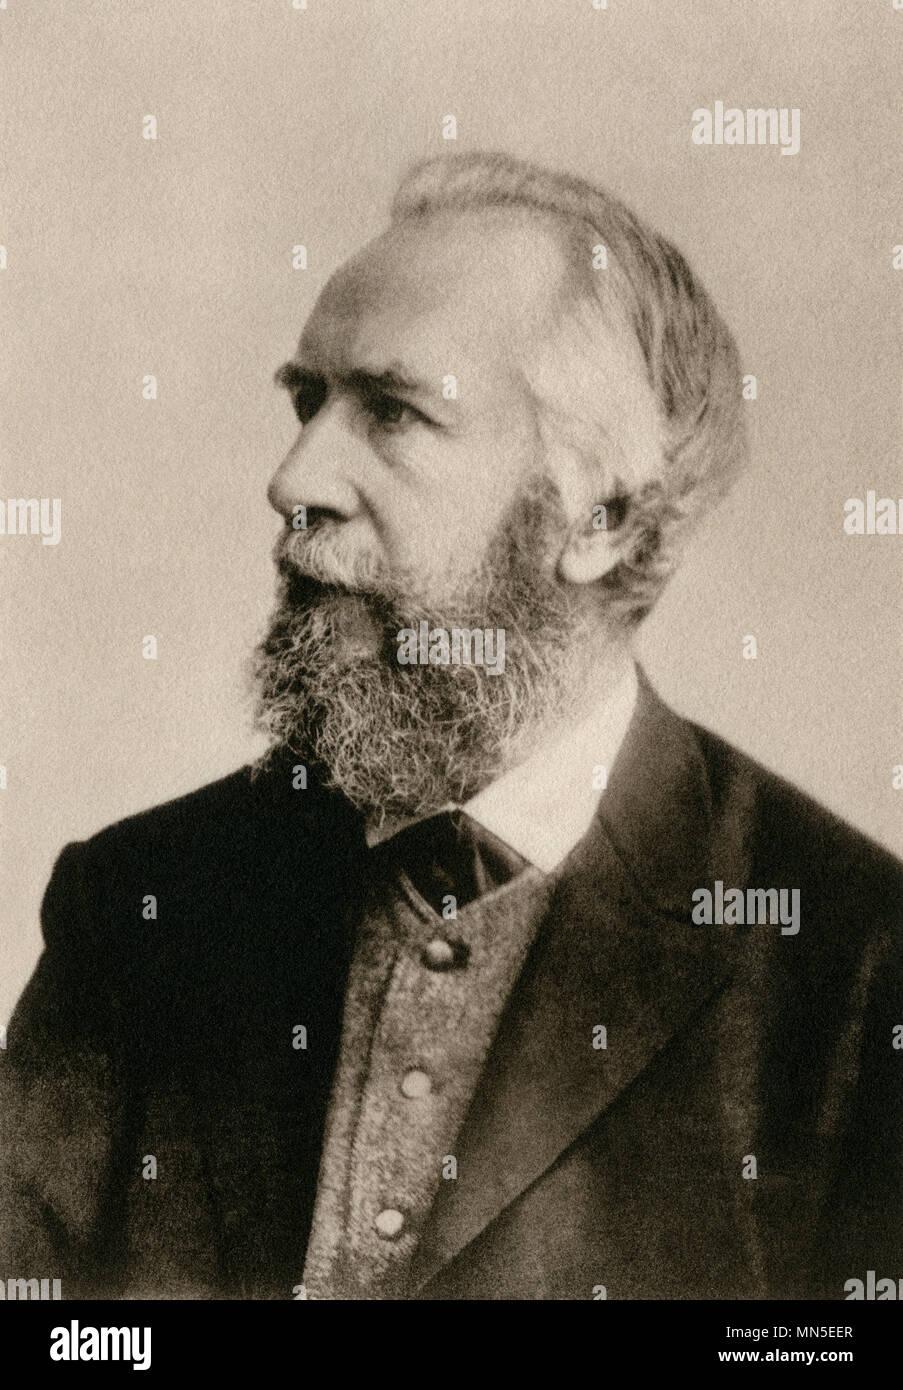 Naturalist Ernst Heinrich Haeckel. Photogravure - Stock Image